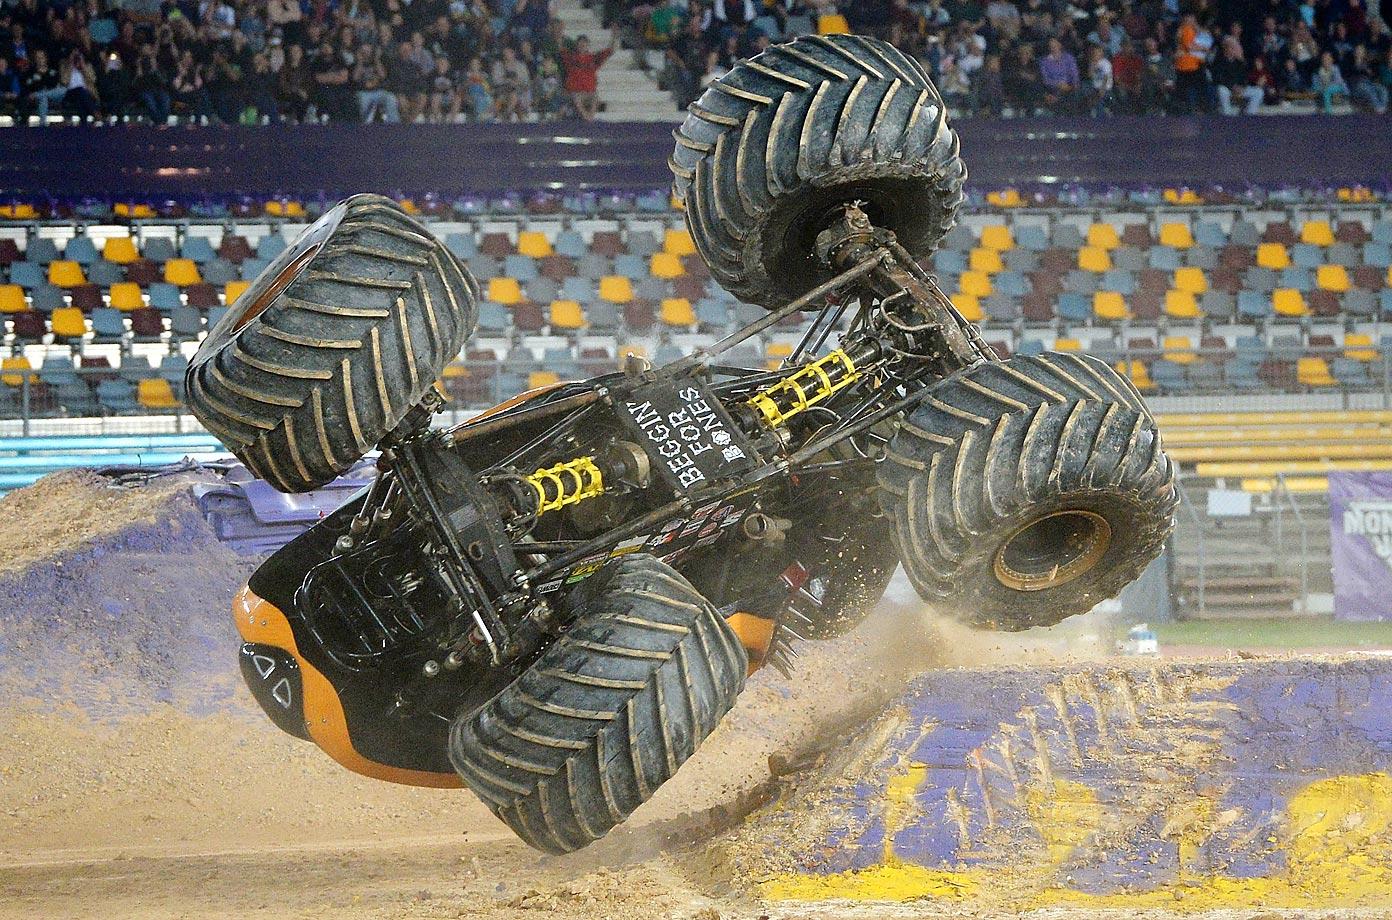 Colt Stephens driving Monster Mutt Rottweiler crashes during Monster Jam.